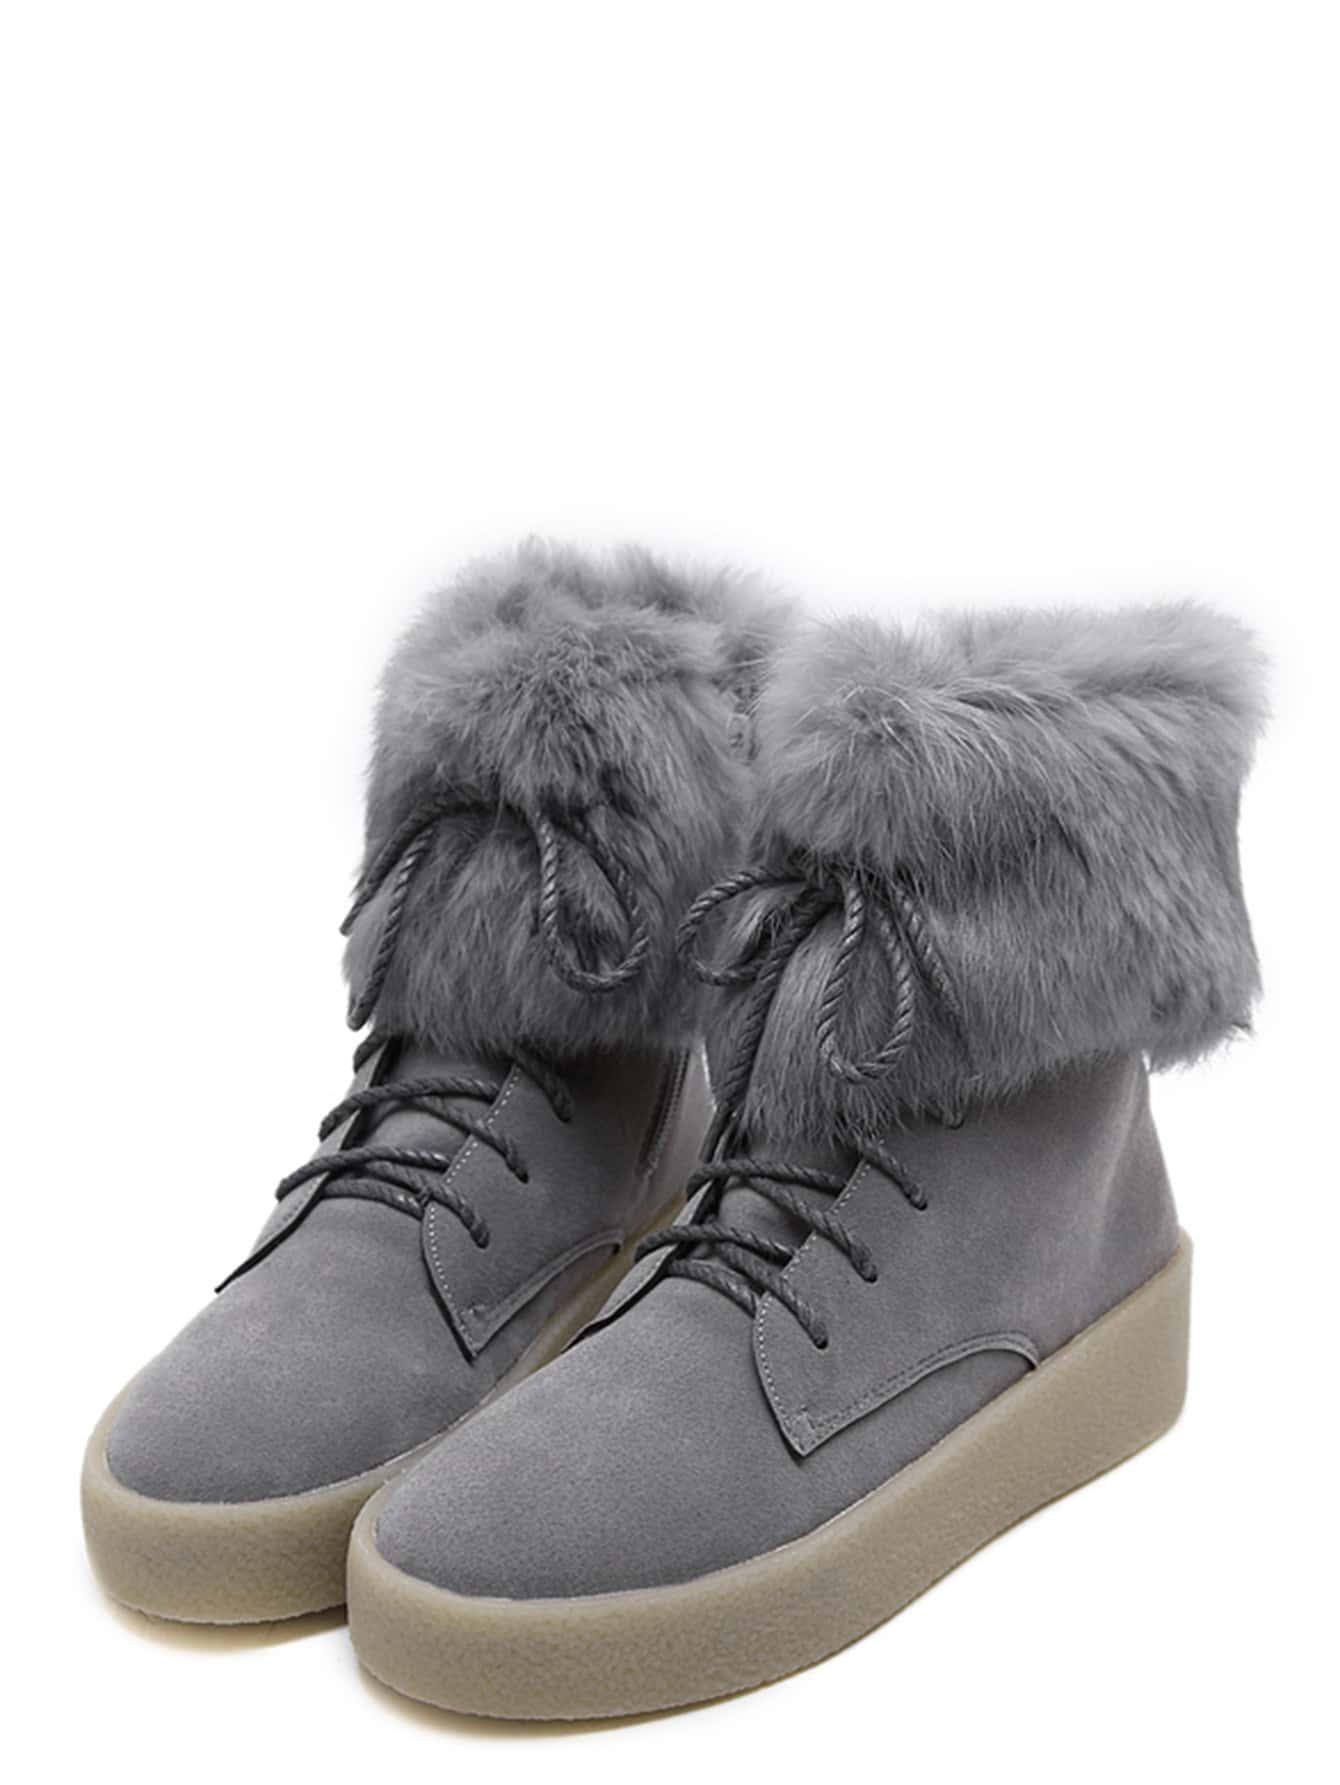 shoes161014807_2